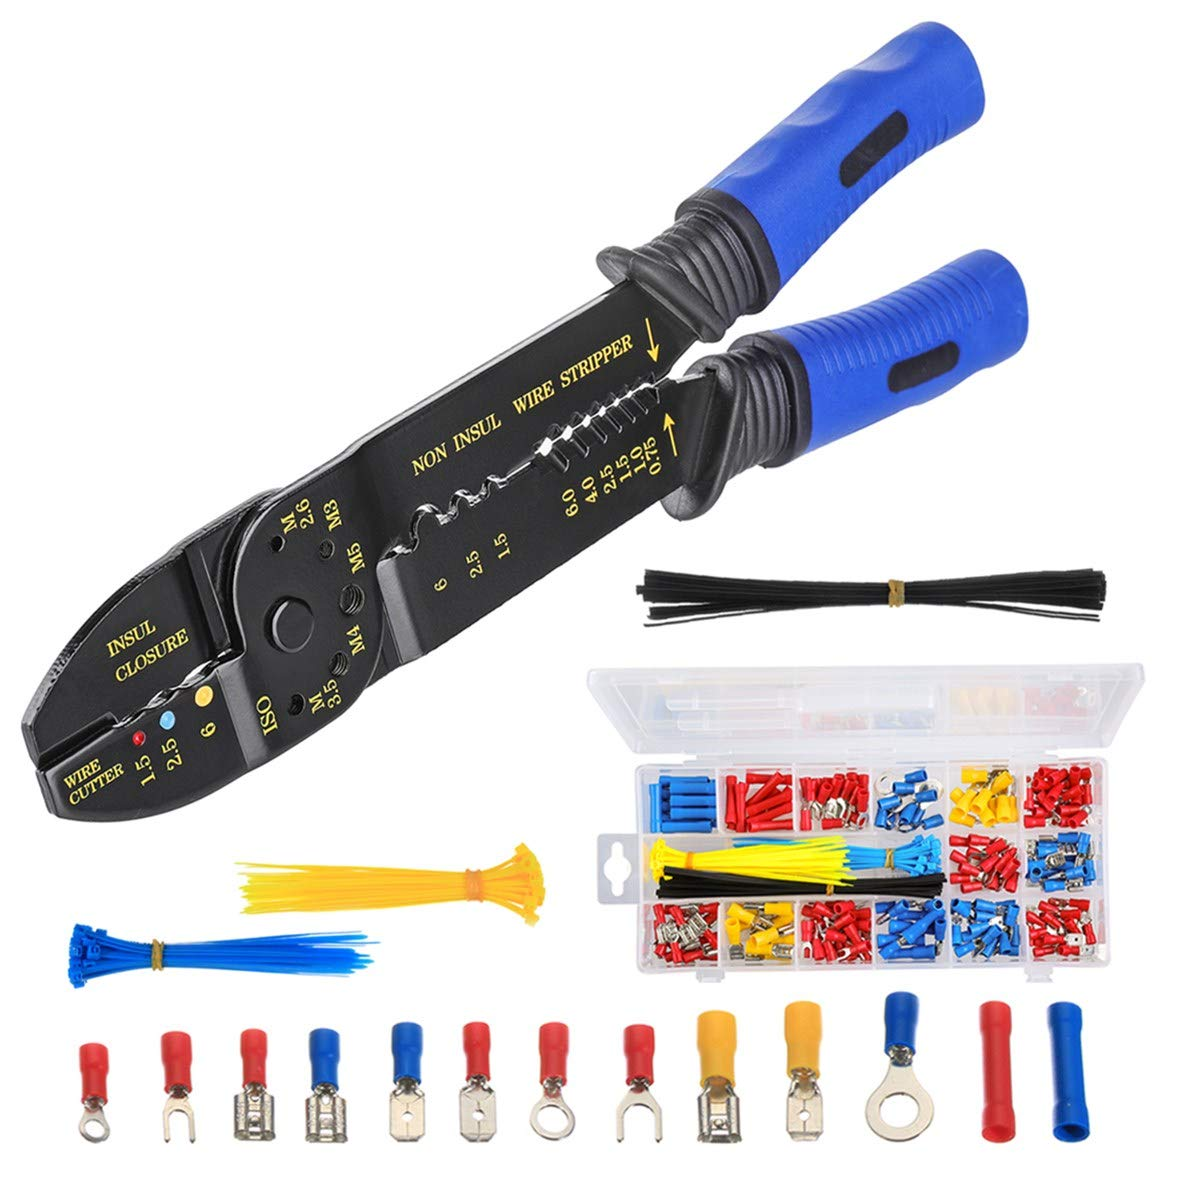 Crimpzangen INSMA Crimping tool isolierte Abisolierzange 1.5mm²-6mm² unisolierte Aderendhülsenzange 1.5mm²-4.6mm² mit Kabelschuhen Aderendhülsen Set Multi Crimpwerkzeug Set Spannhülsen Flachrundzangen